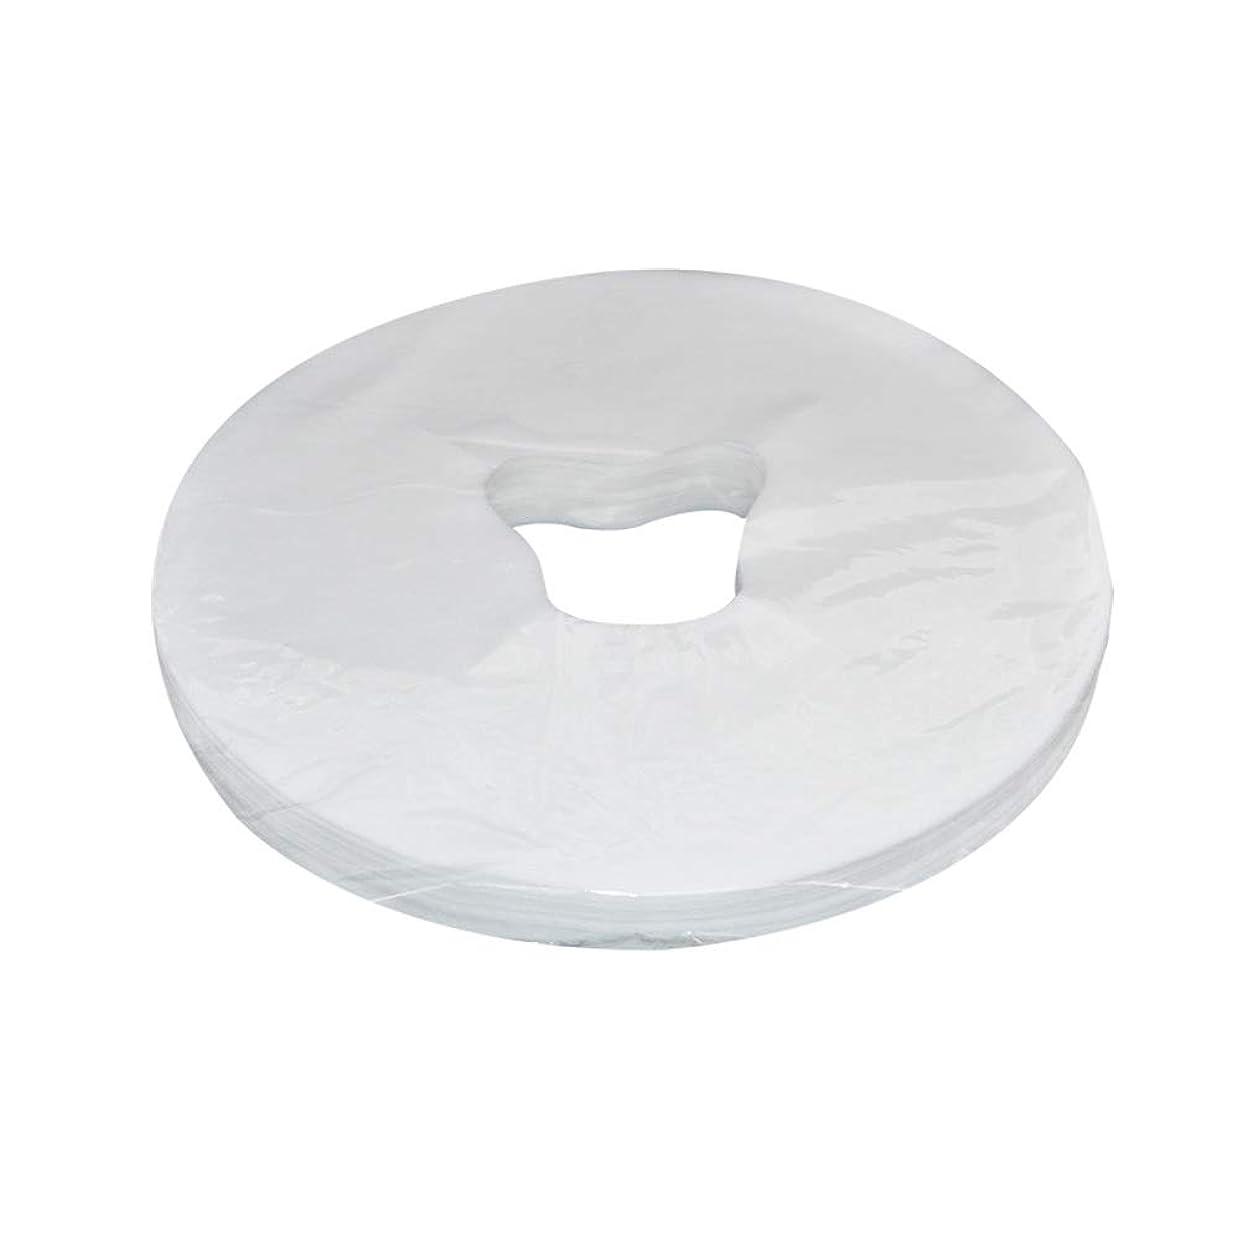 造船報酬アイドルHealifty 100シート無織布巾 使い捨て マッサージフェイスピローカバー フェイスカバー ヘッドレストピローシート(ホワイト)